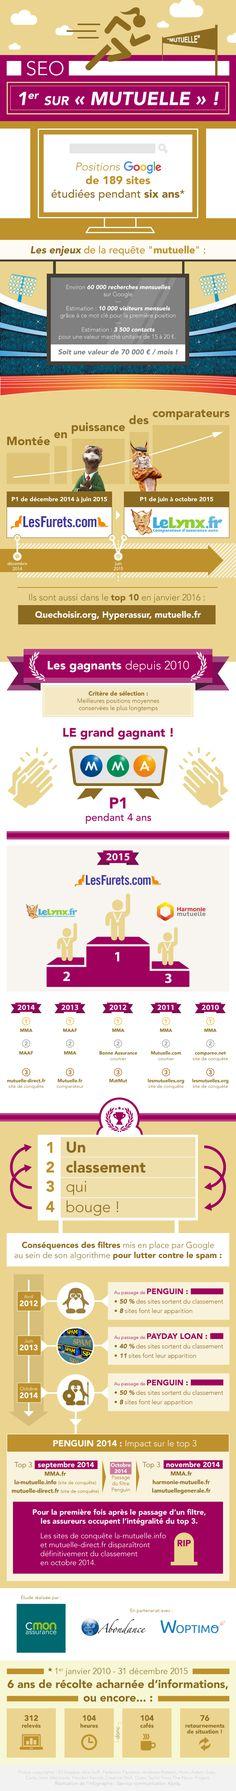 #infographie #SEO étude sur le positionnement des sites top 20 sur le MC #mutuelle